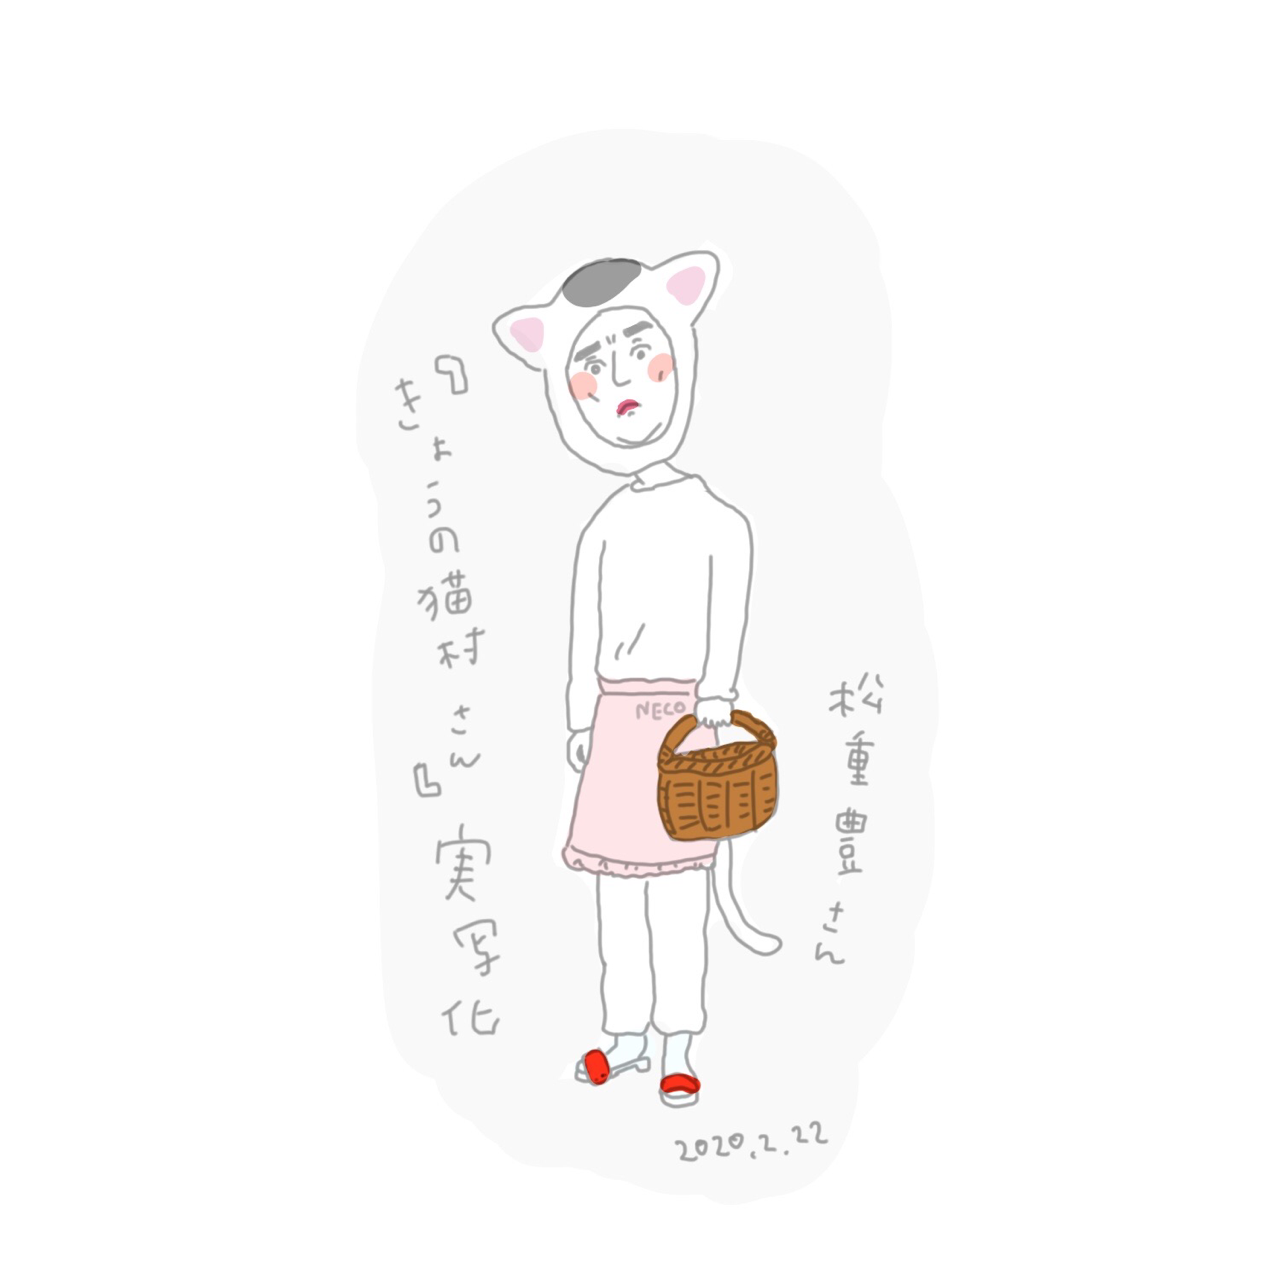 松重 村 さん 猫 豊 の 今日